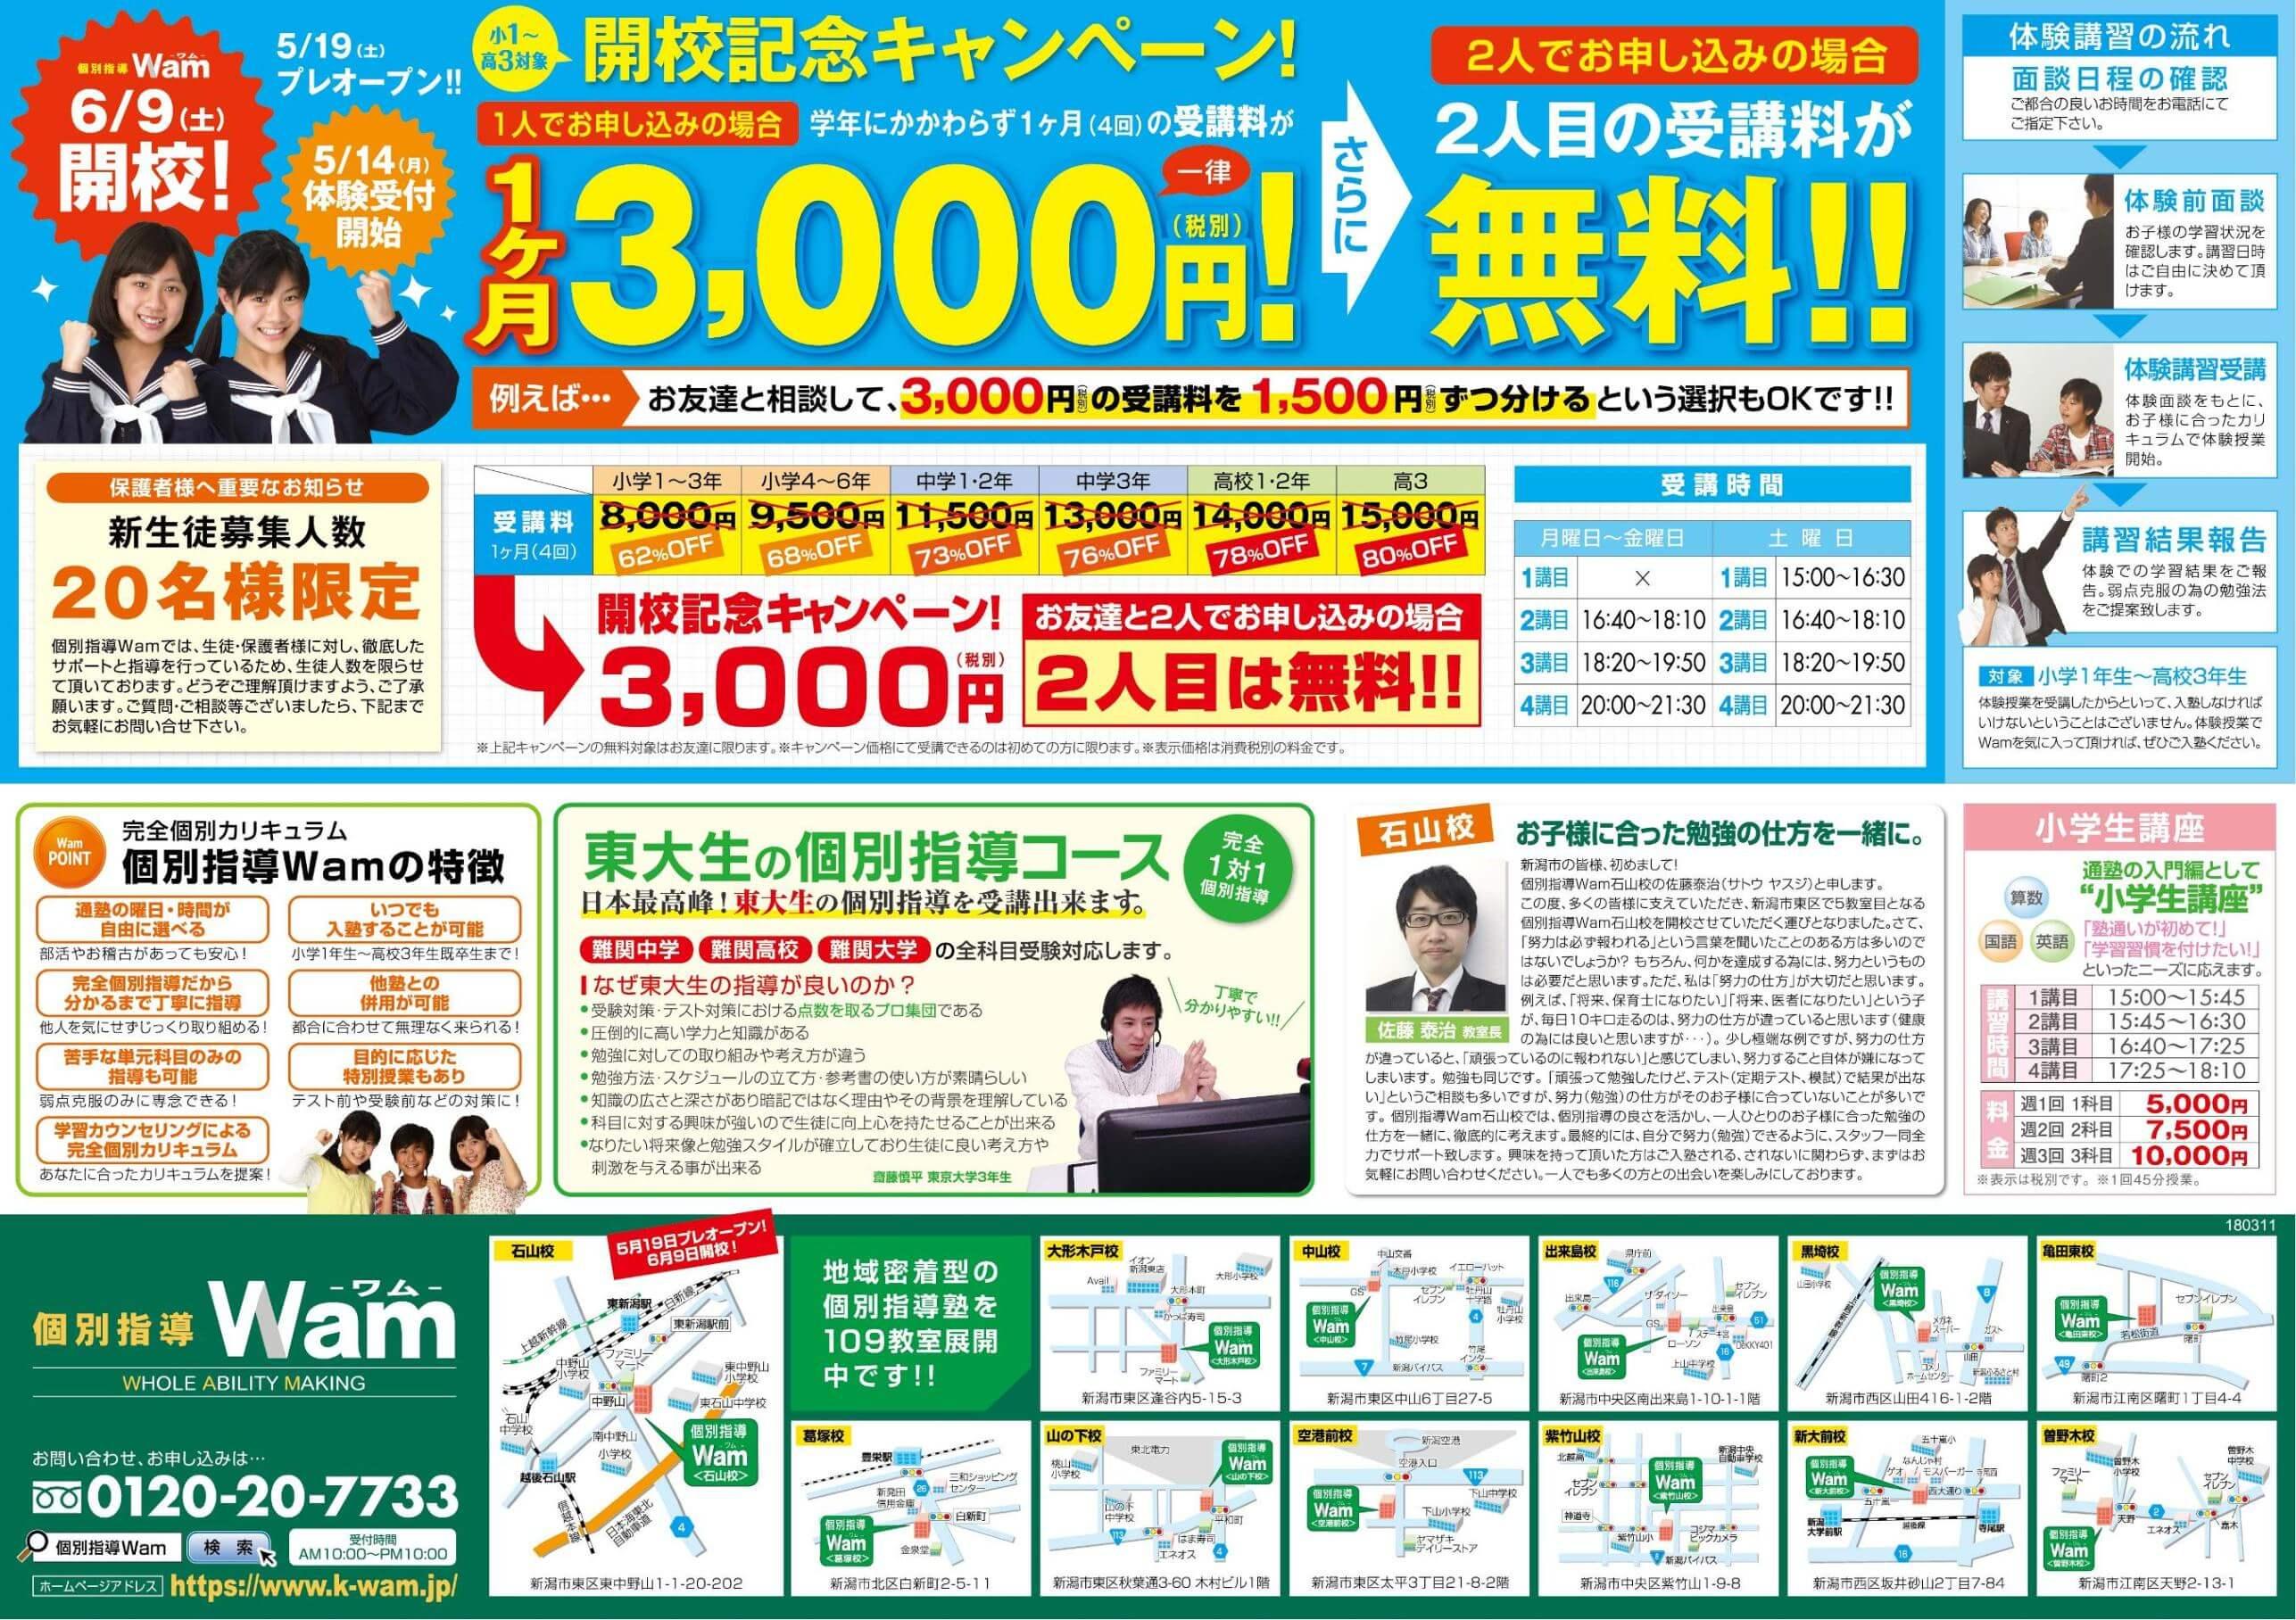 石山校 2018年5月19日(土) プレオープン・ウラ面